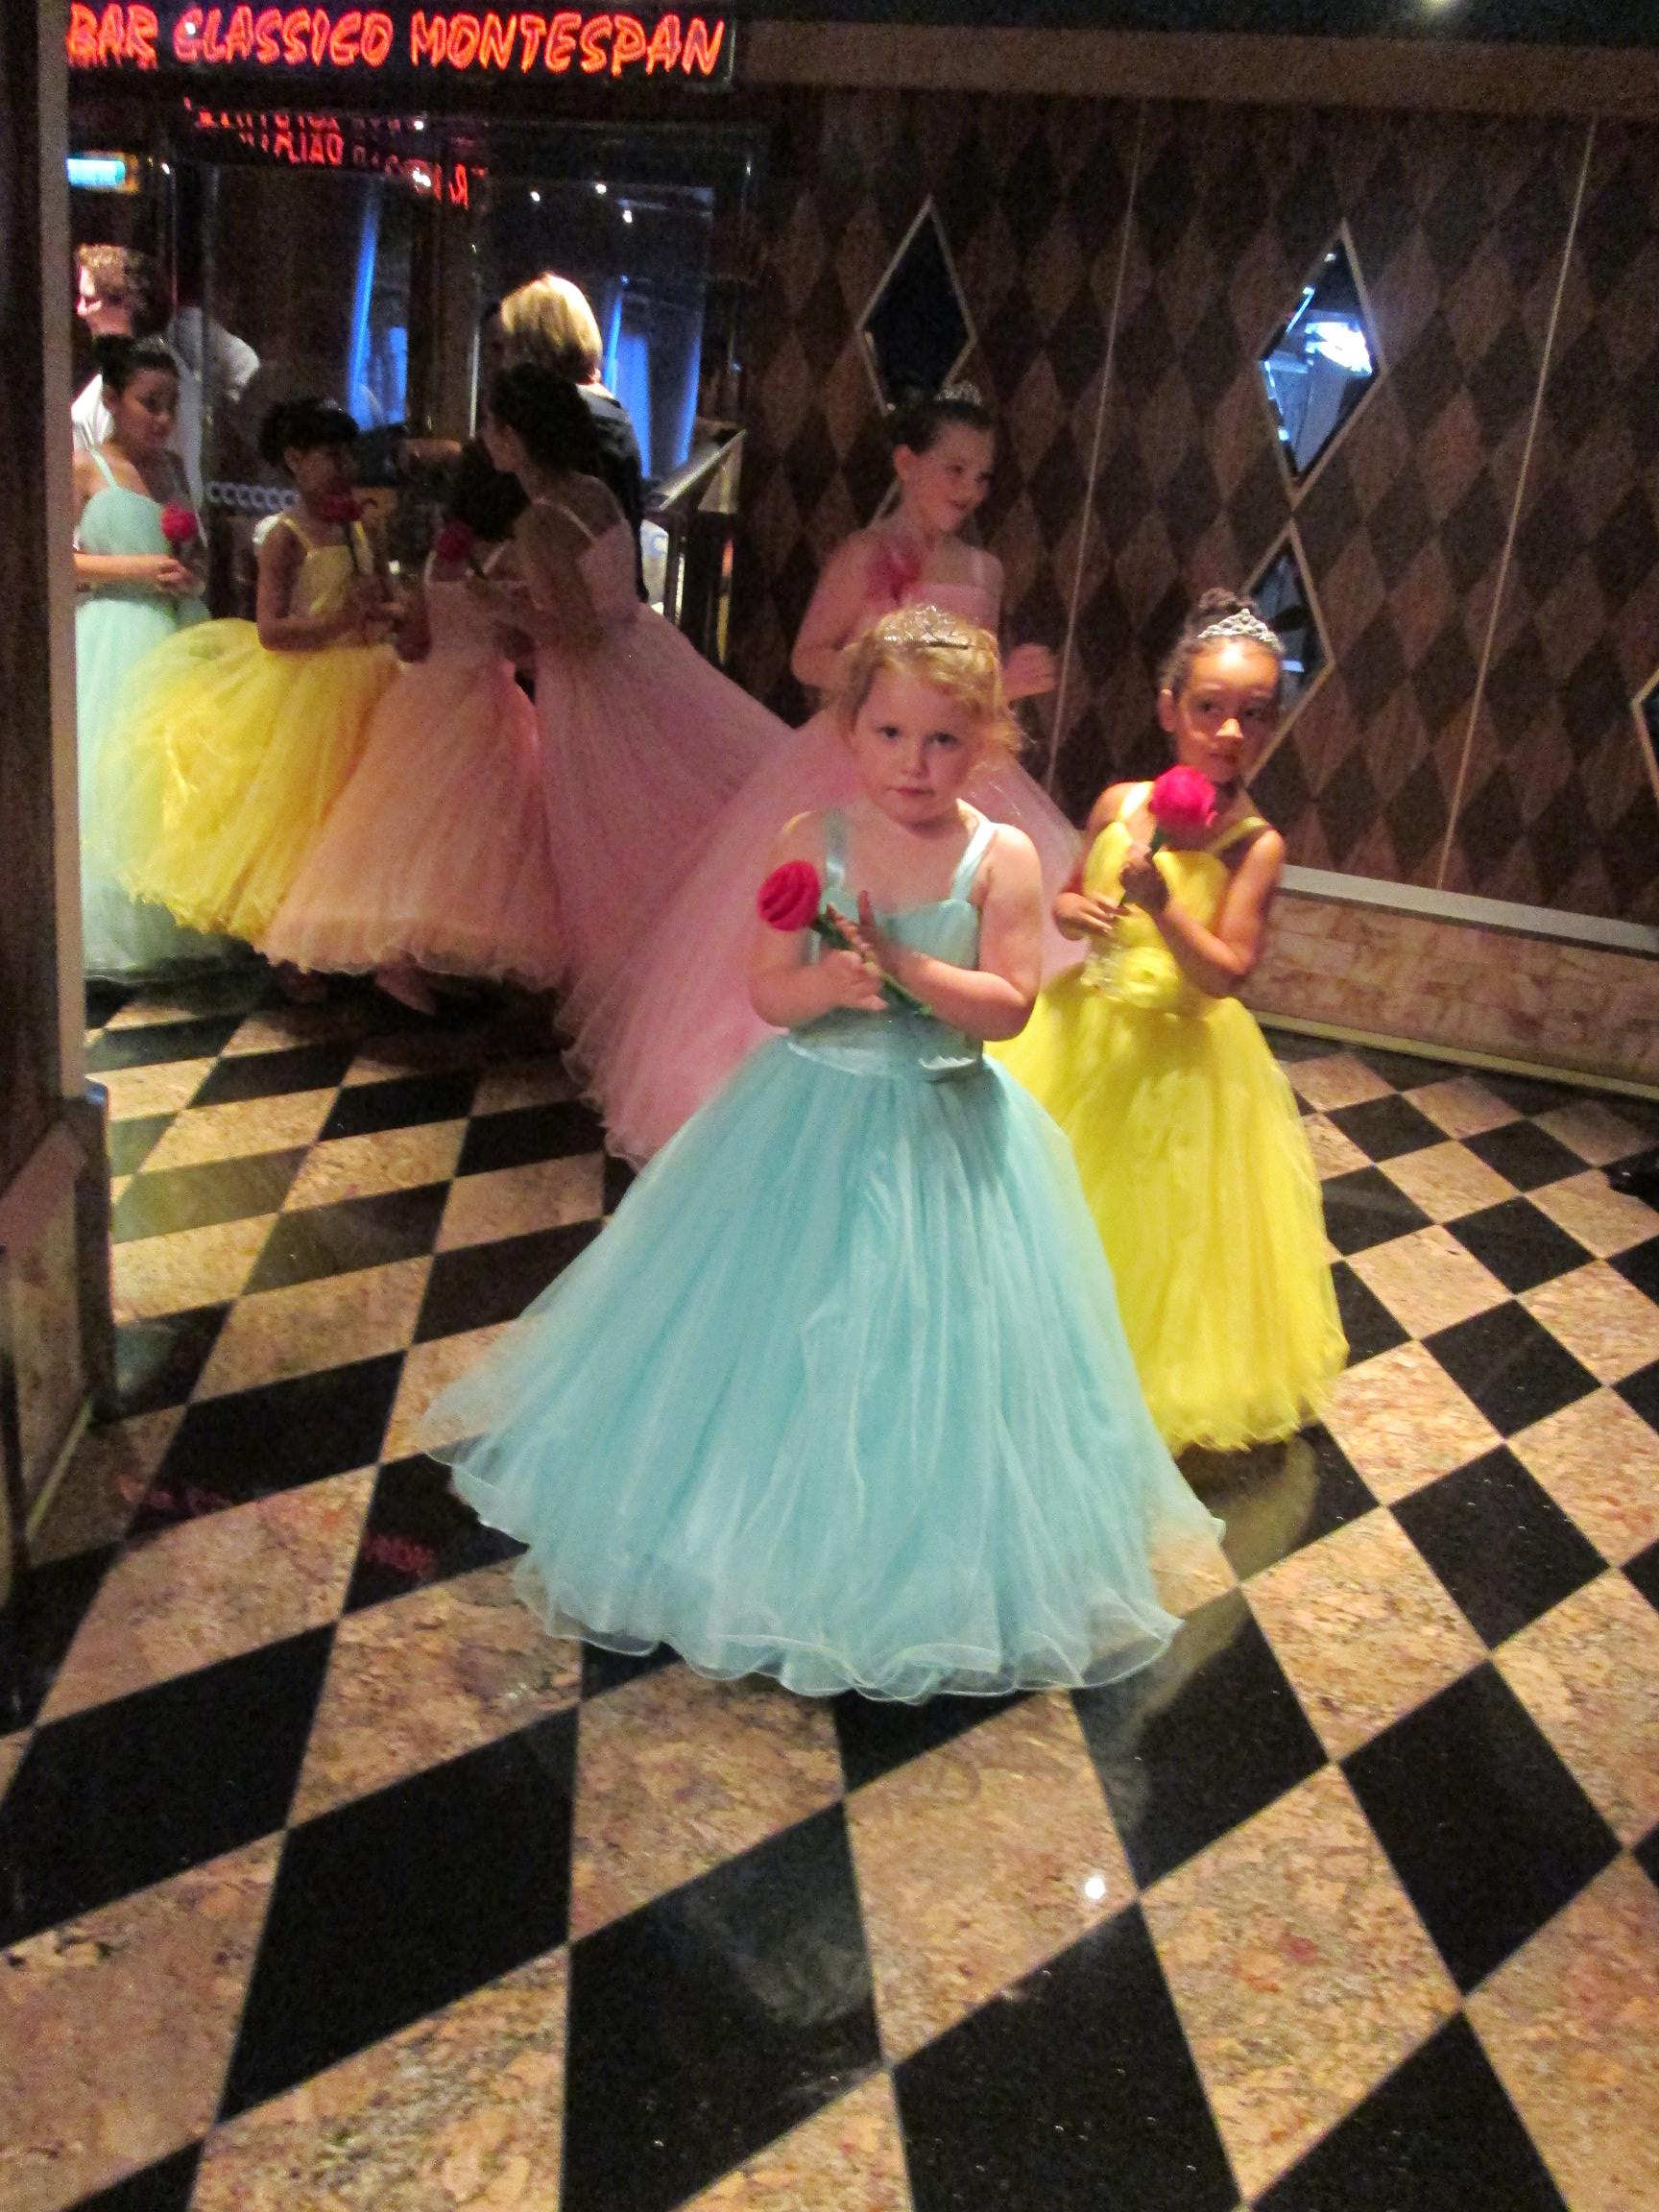 A bord les petites filles deviennent princesse d'un soir. Photo MS.